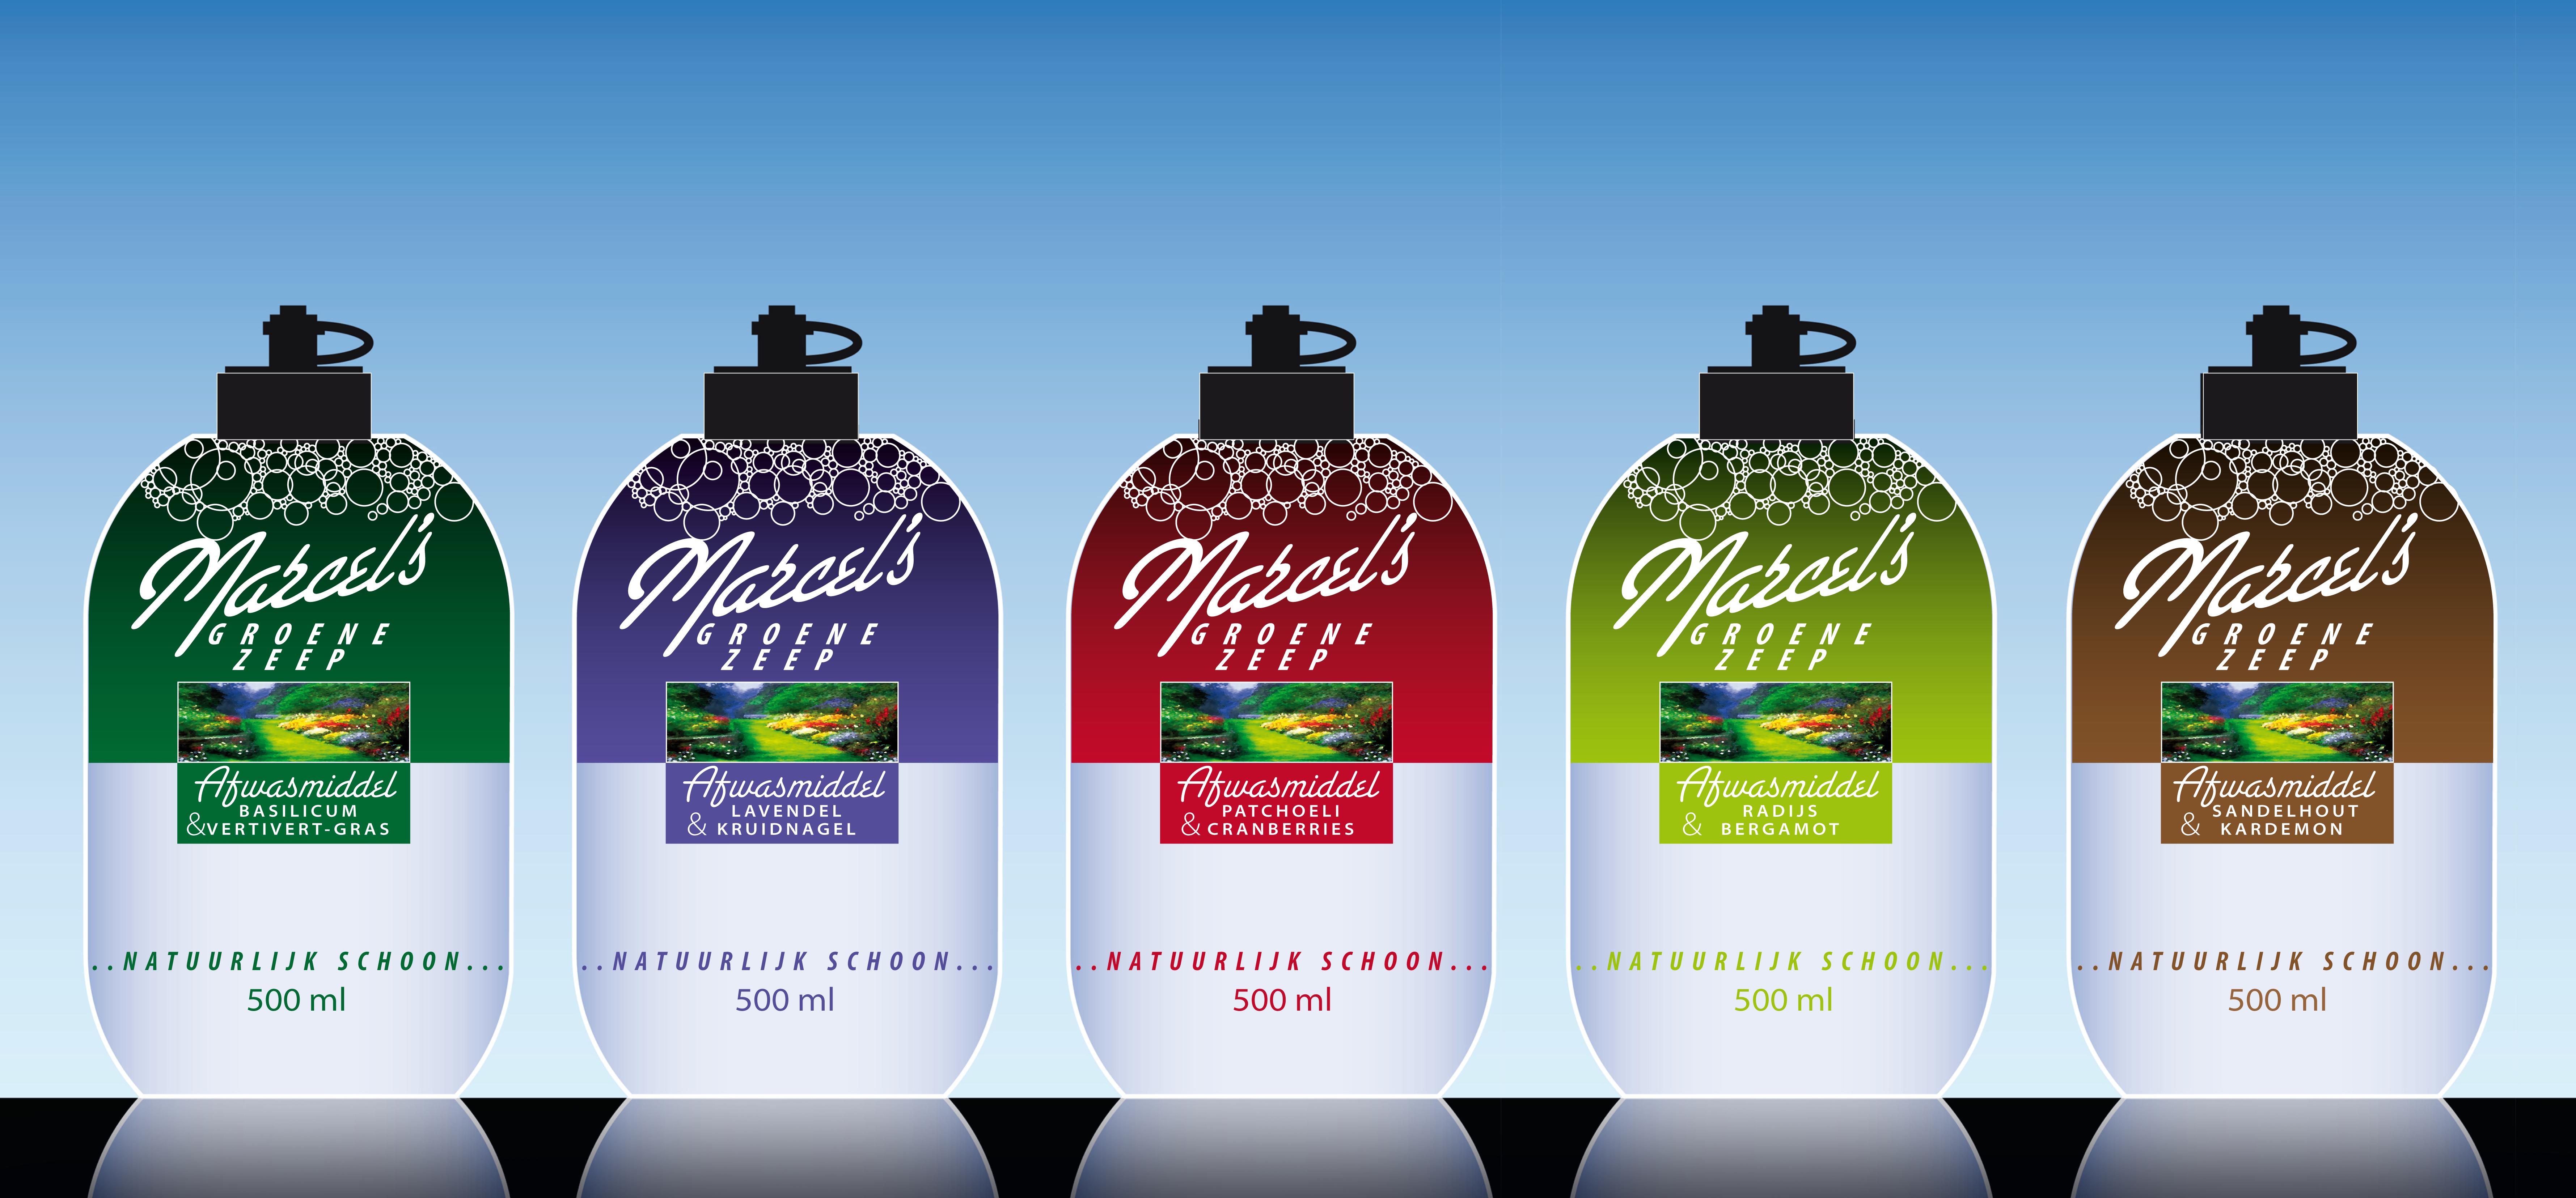 5 varianten Marcel's groene zeep